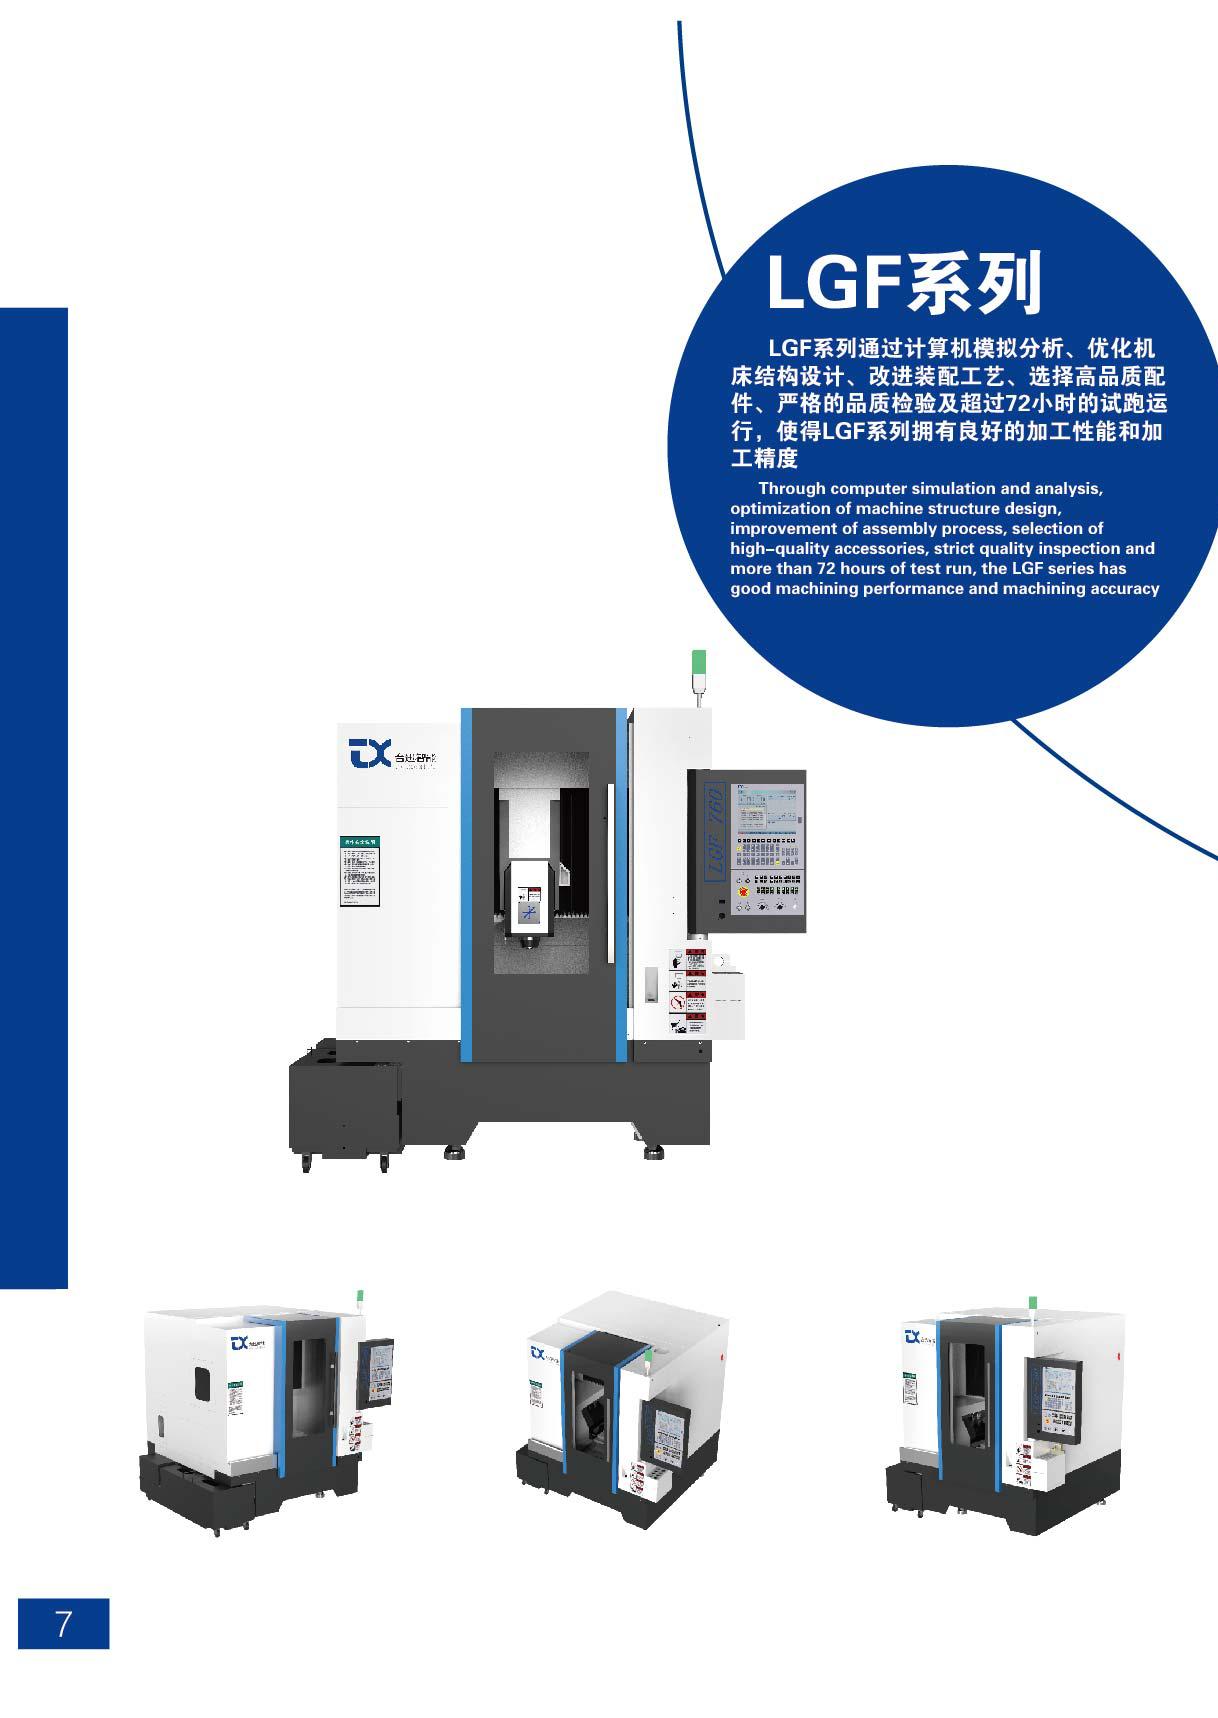 LGF-760系列-1.png